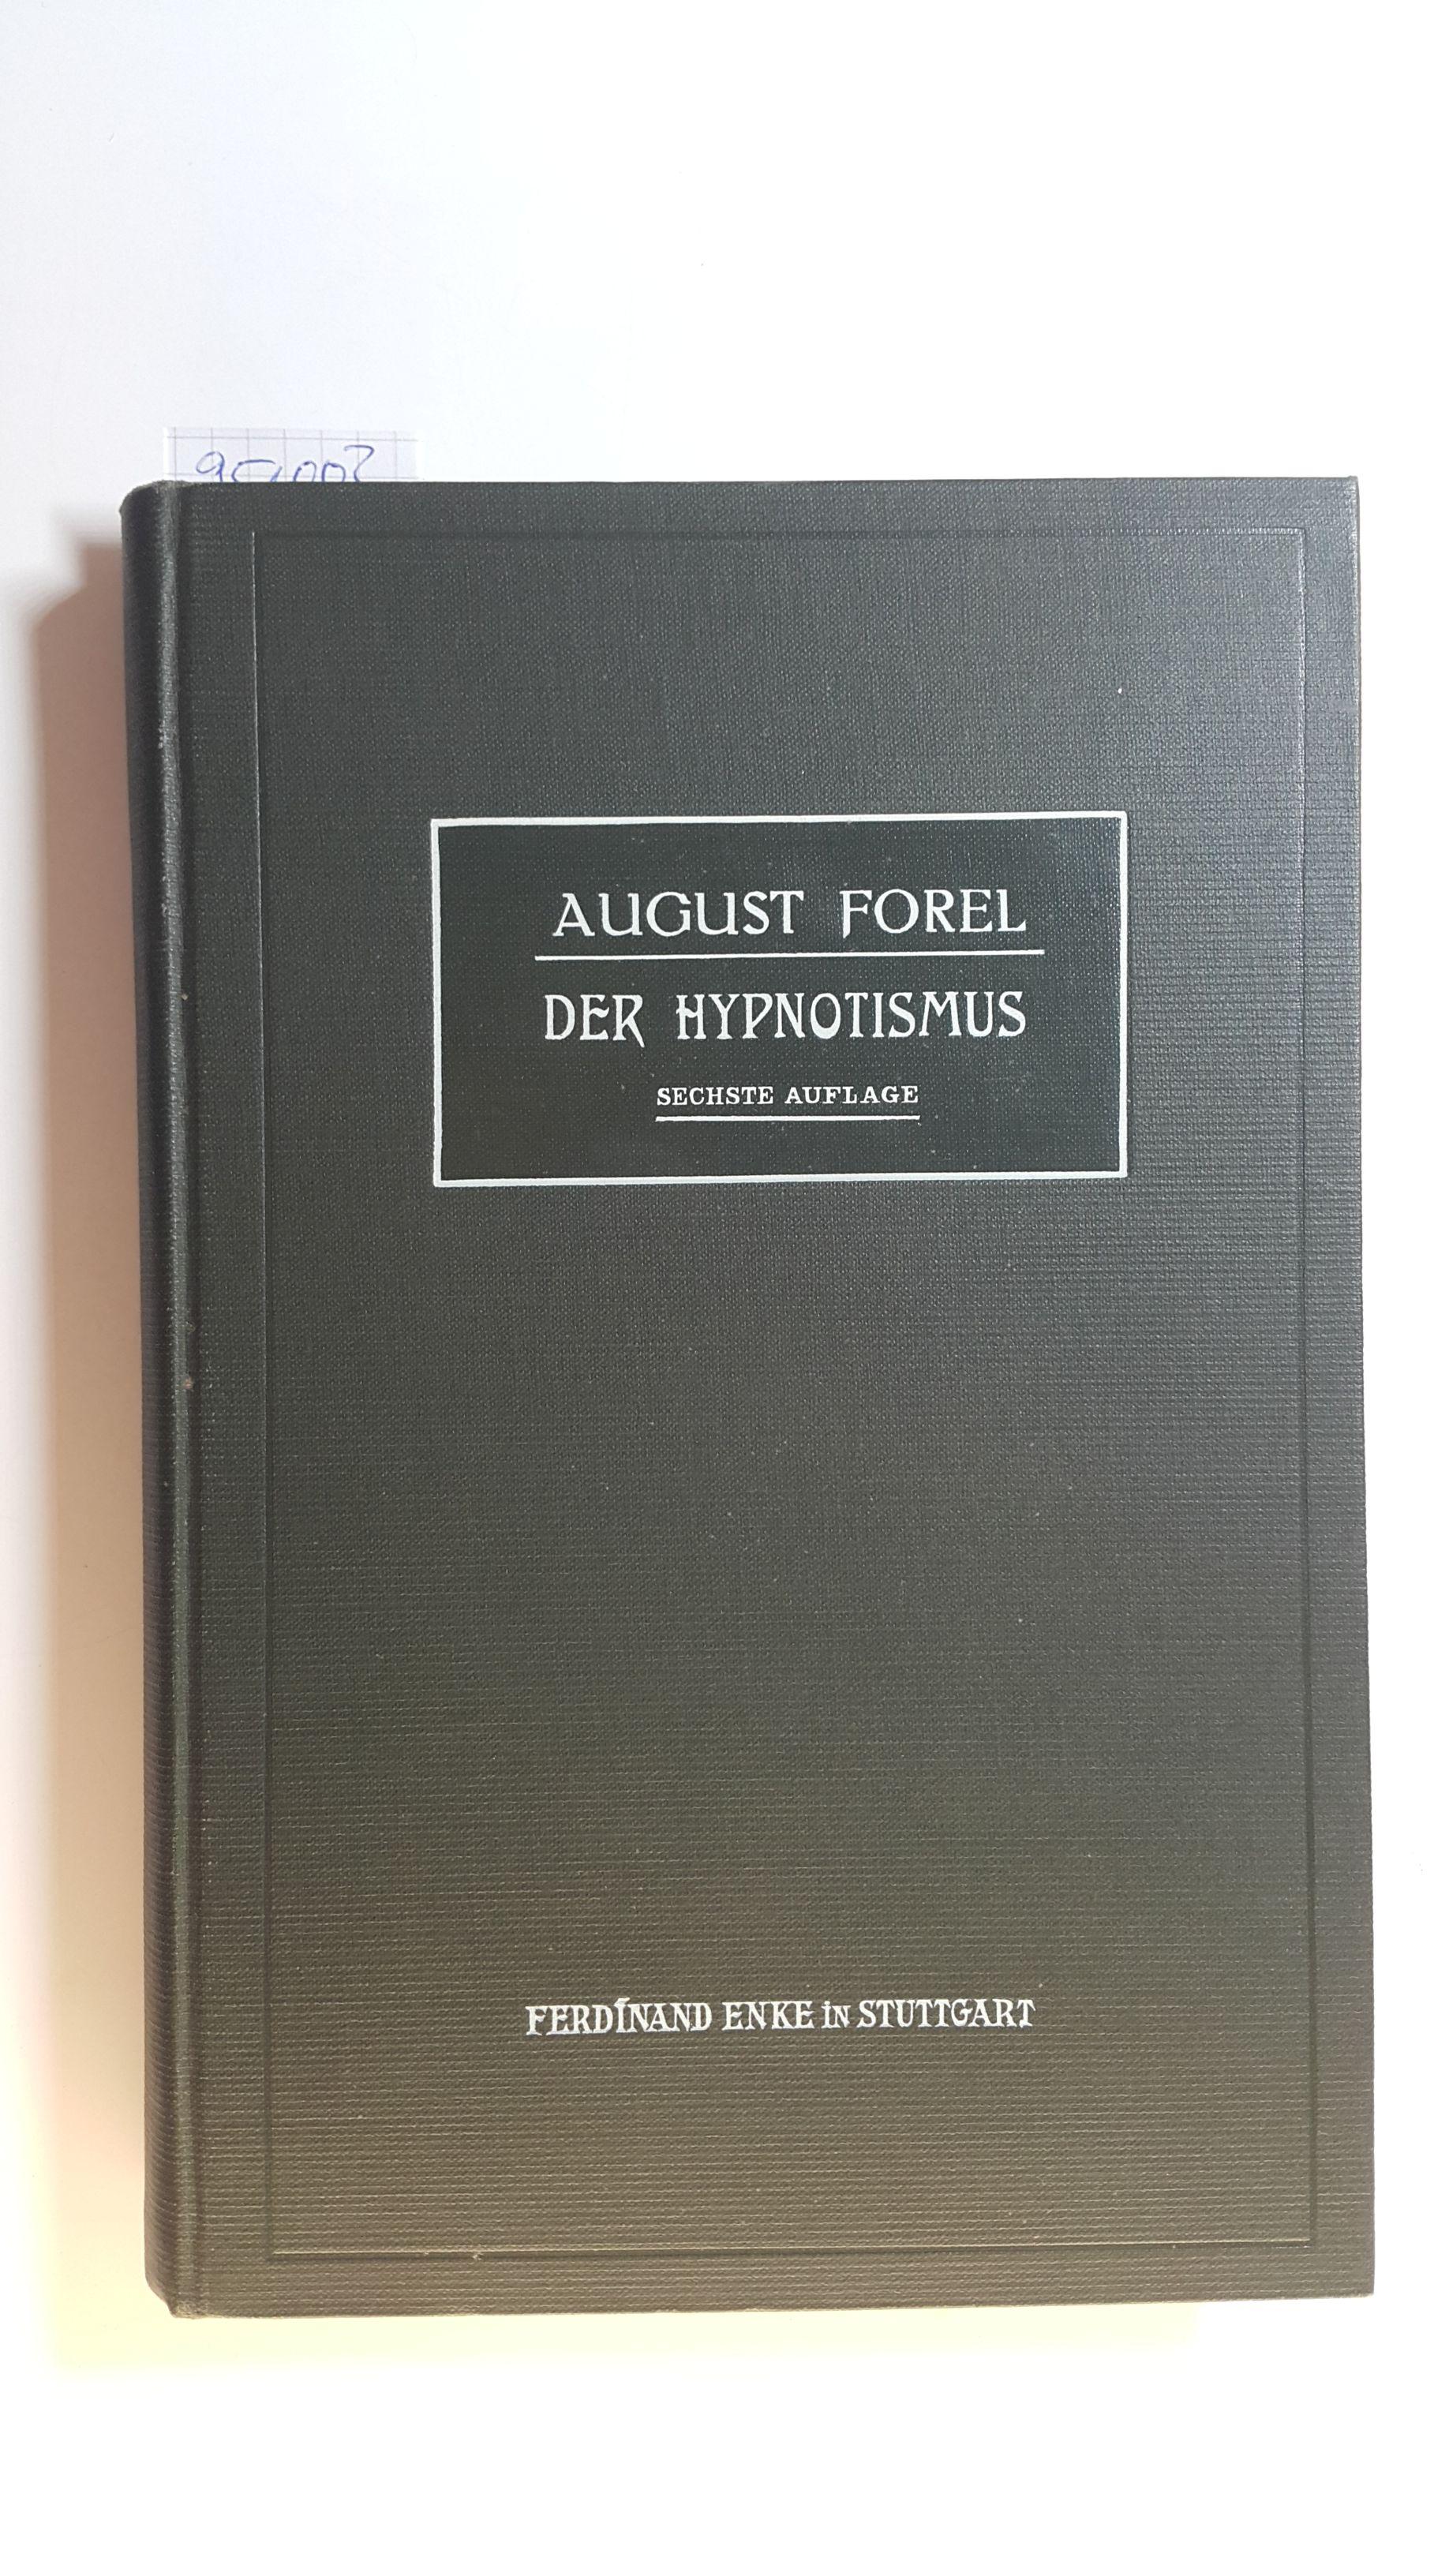 Der Hypnotismus oder die Suggestion und Psychotherapie: Forel, Auguste